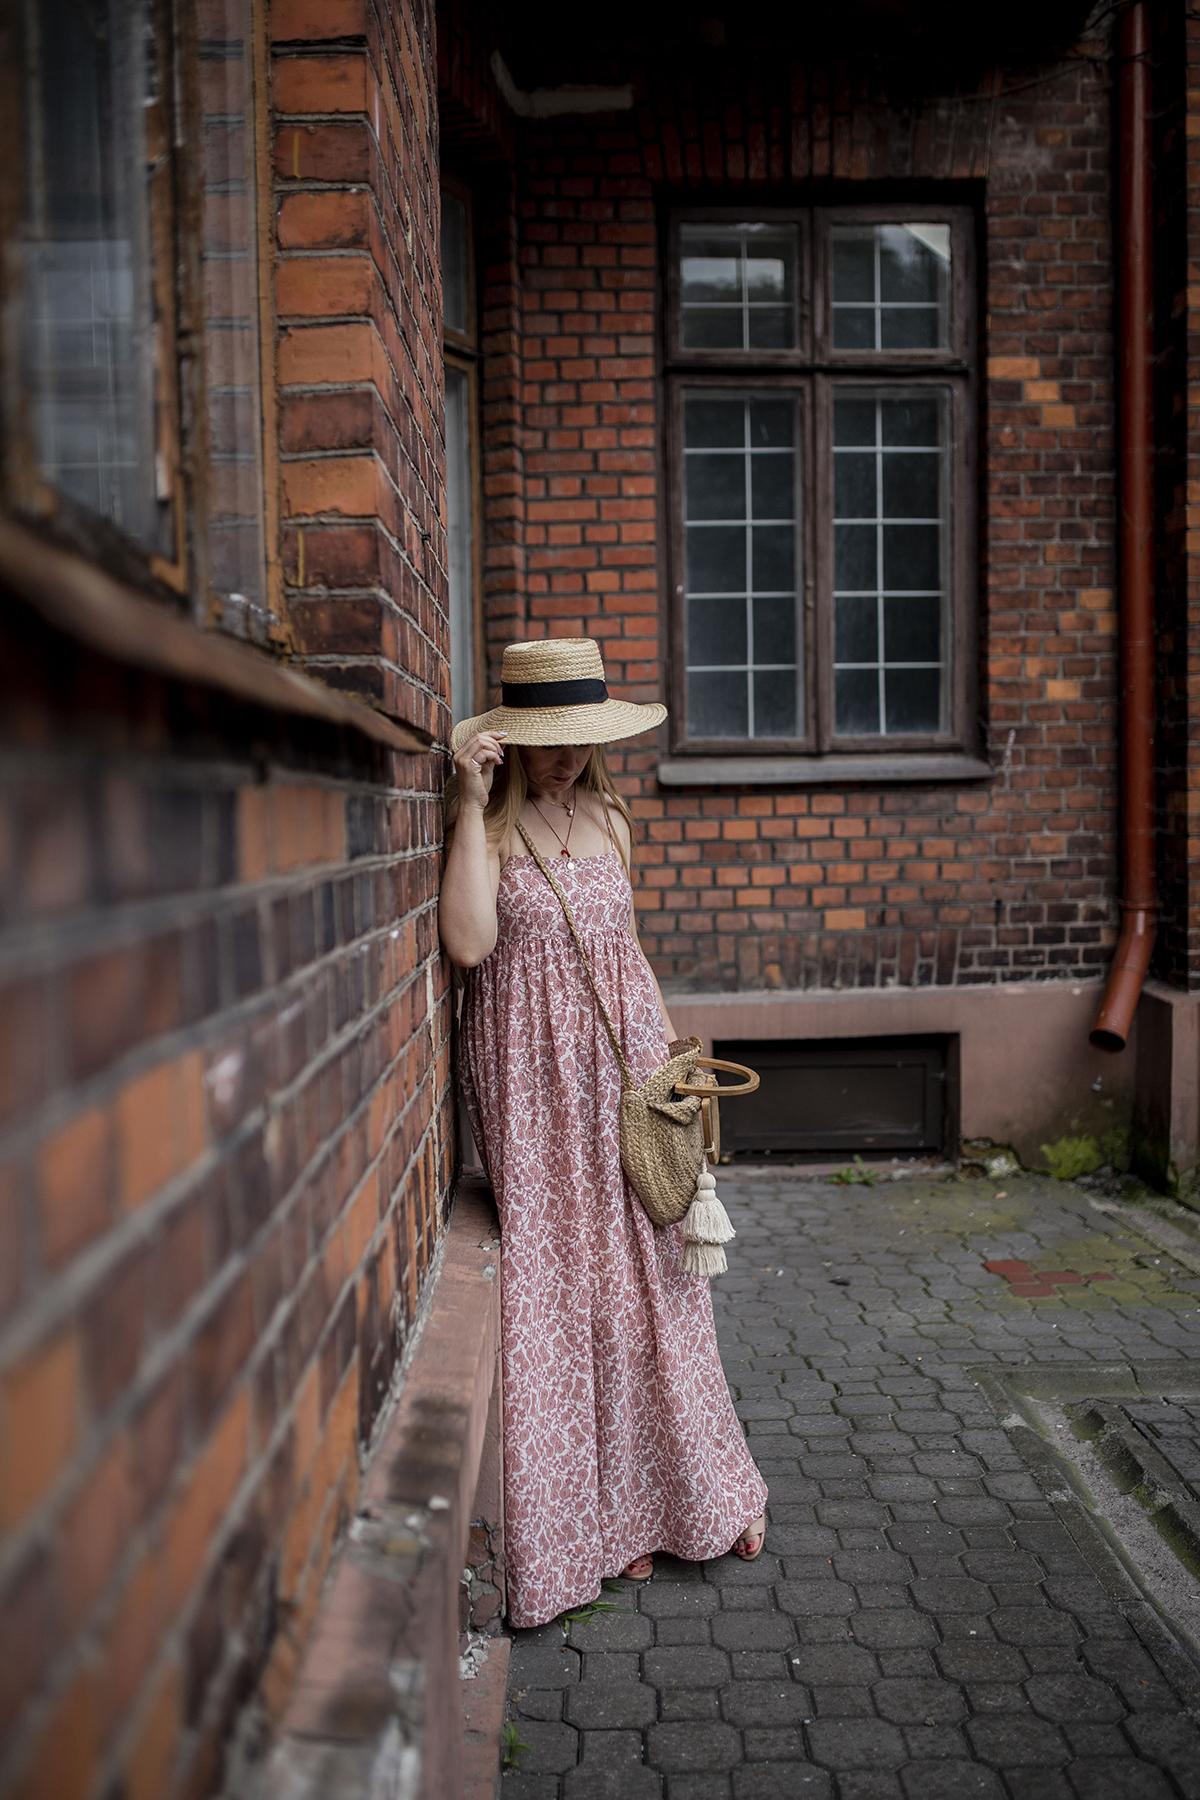 Długa sukienka z odkrytymi plecami - jak ją wystylizować?